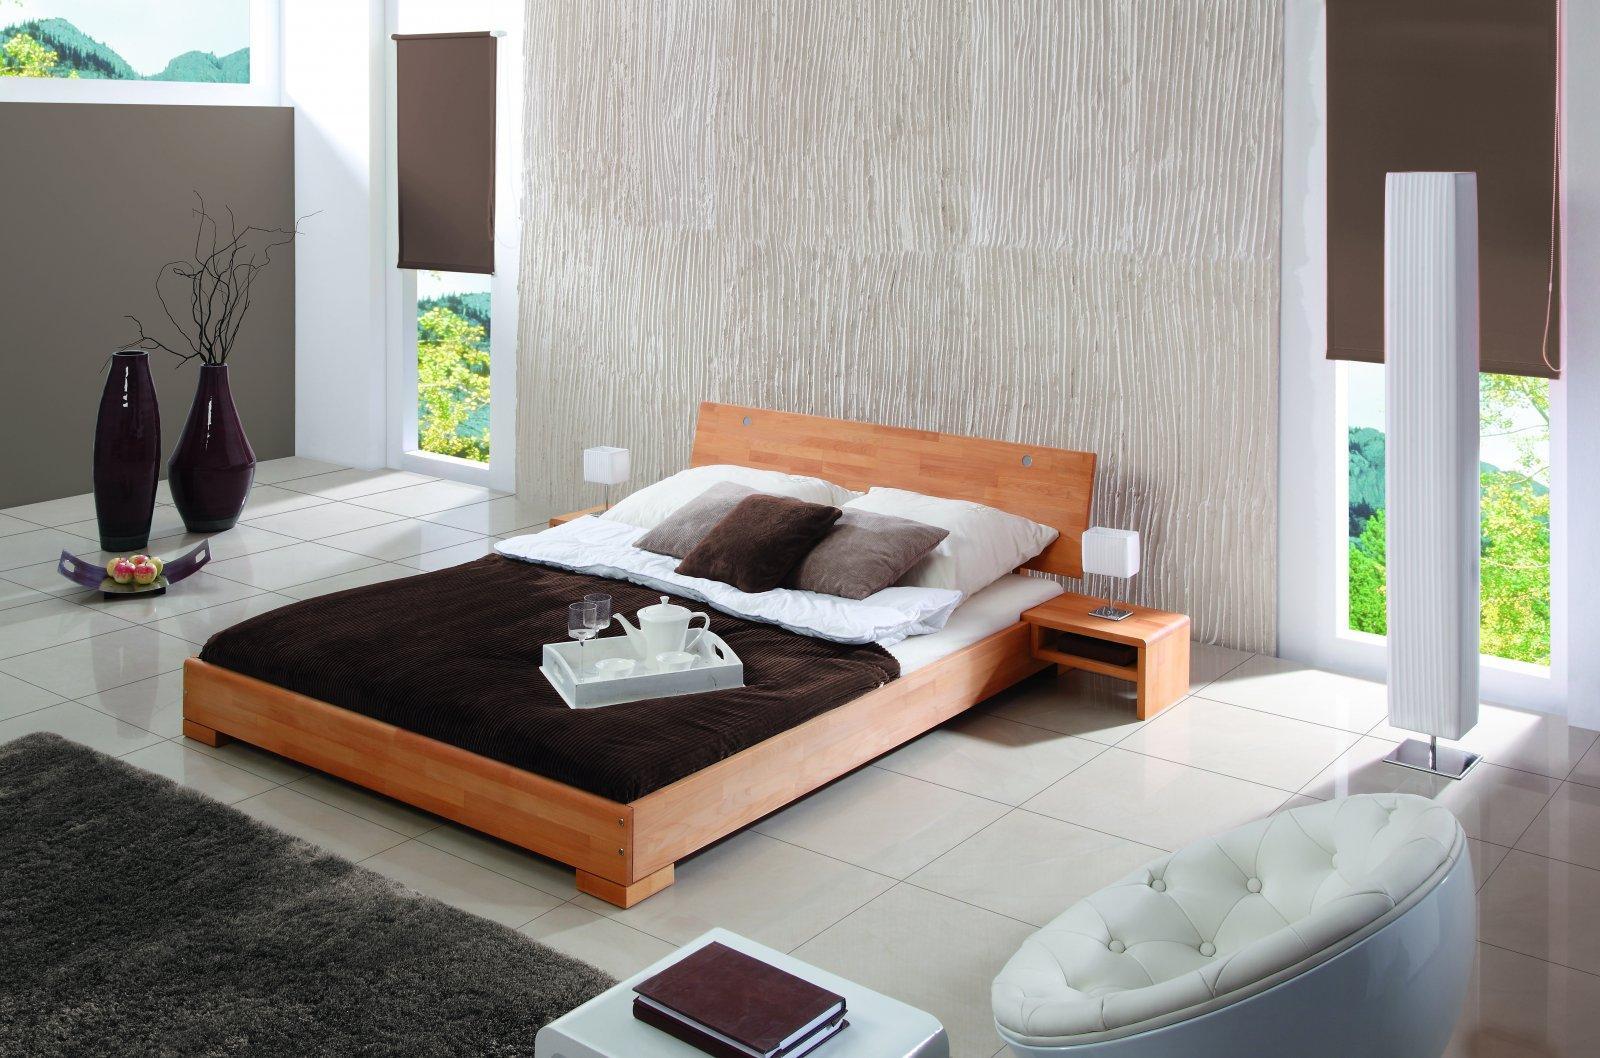 Bed MOLA